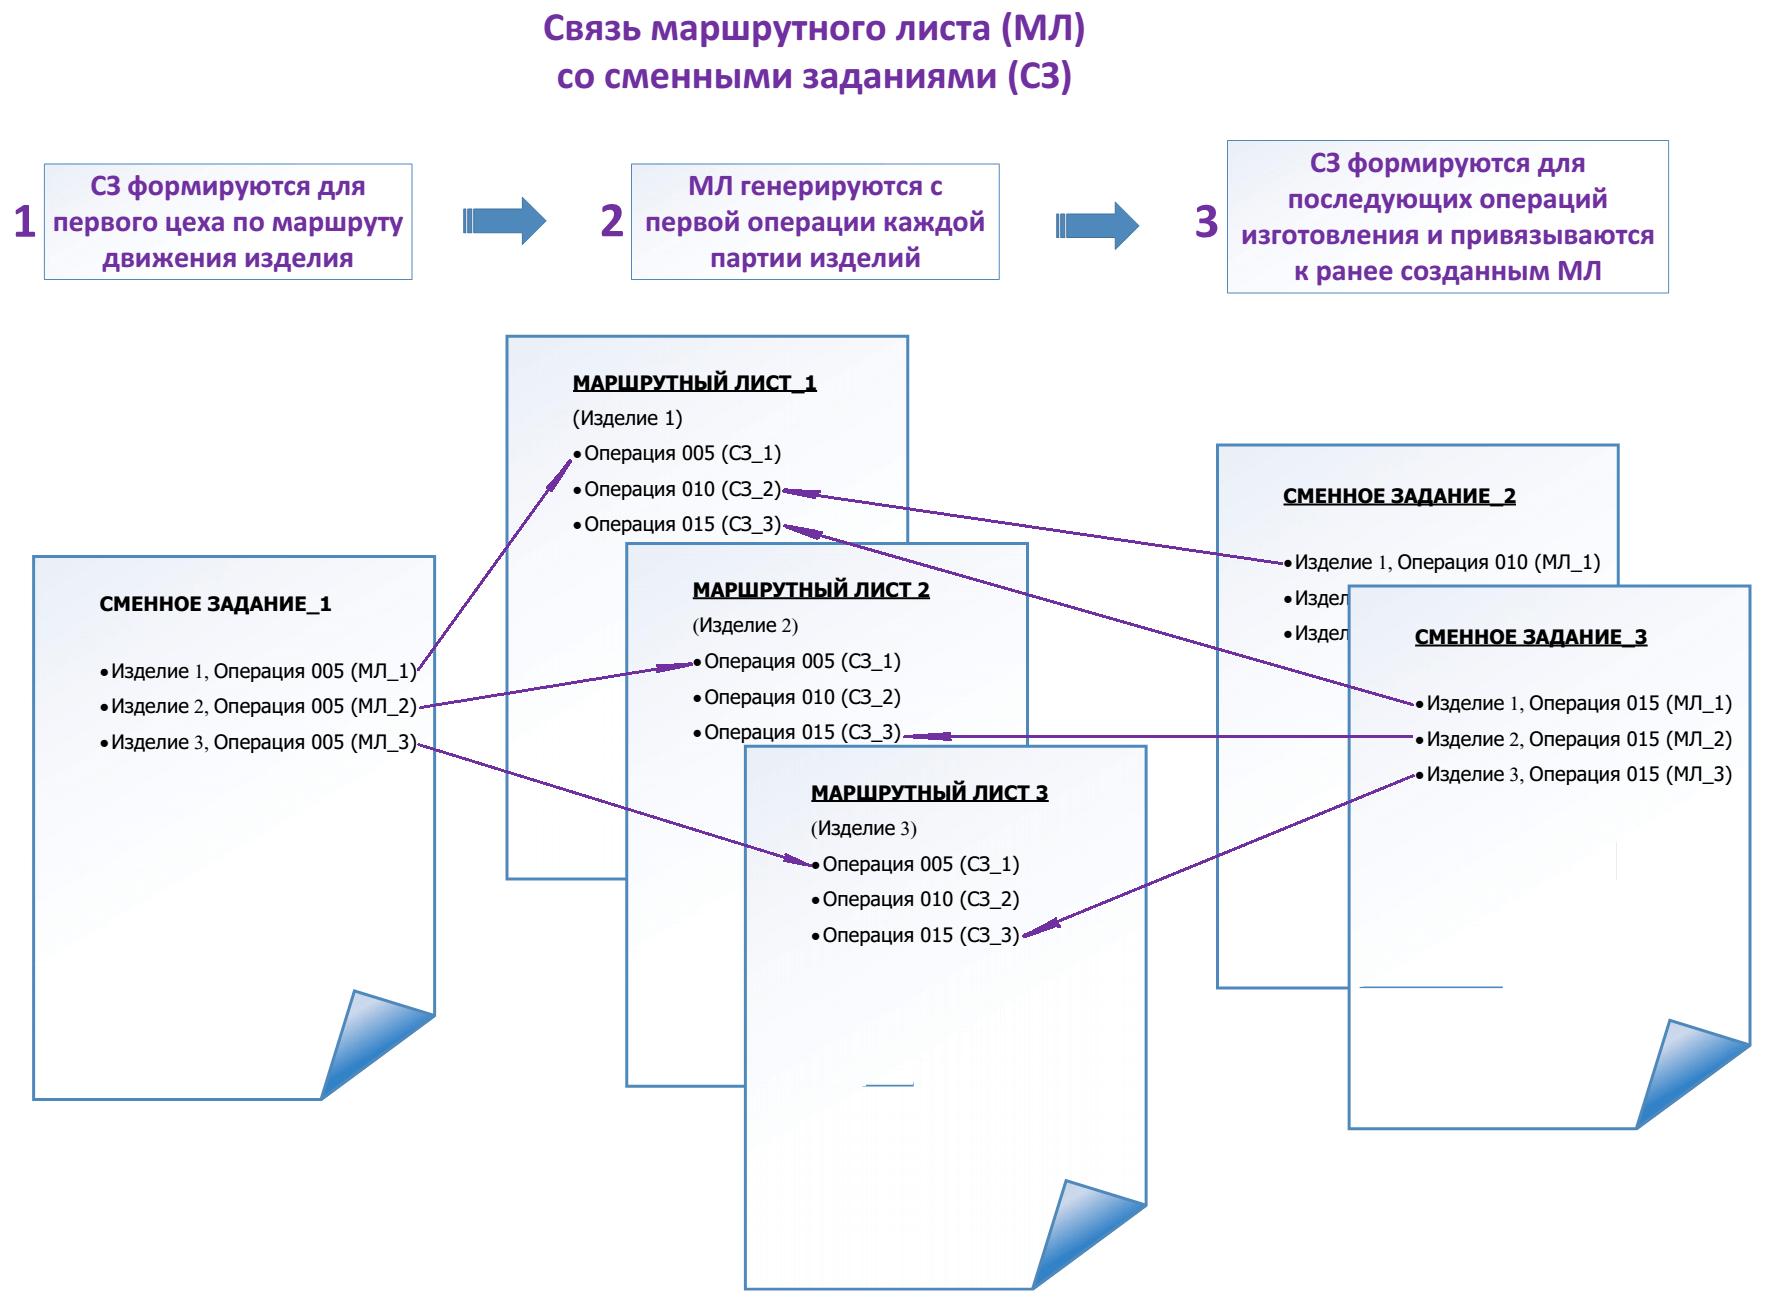 Сменные задания и маршрутные листы